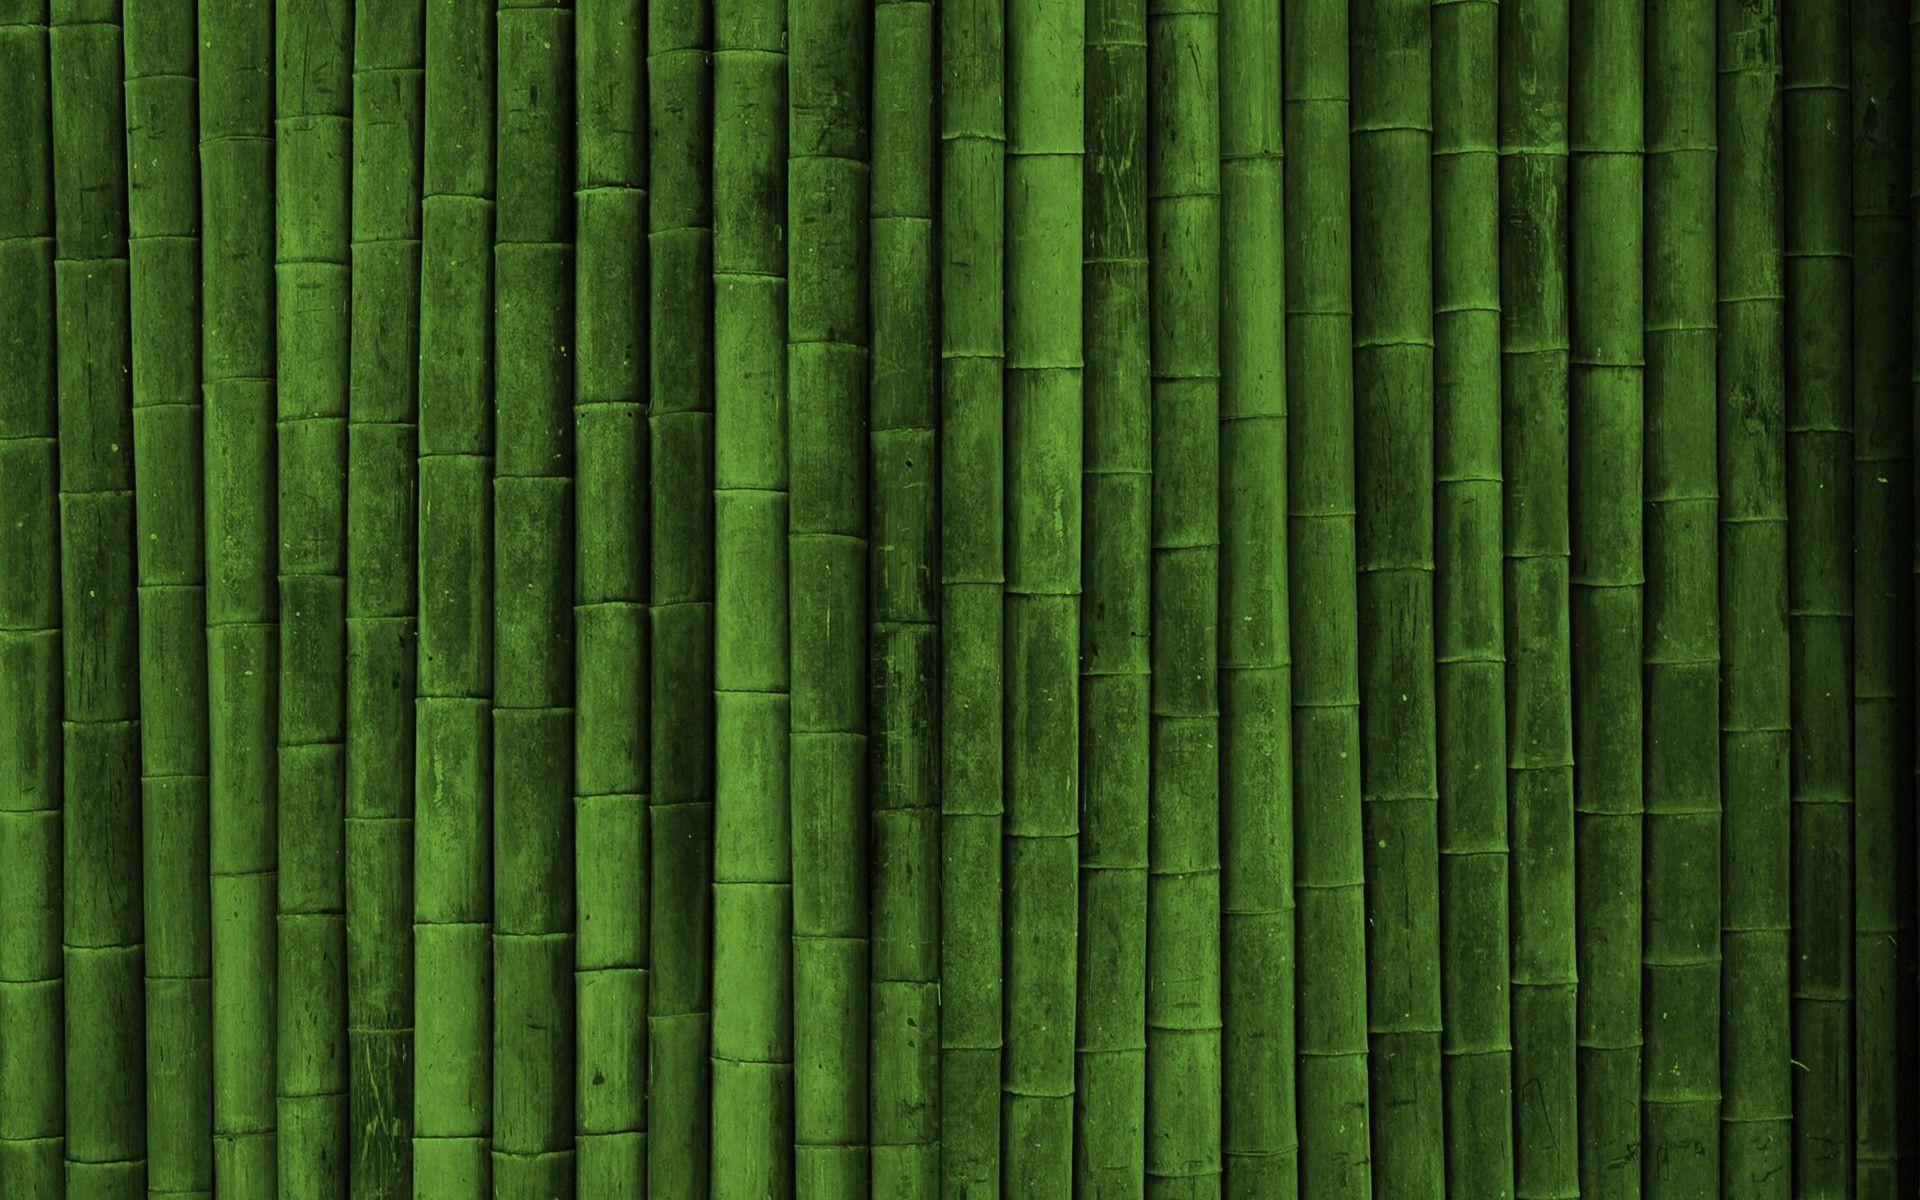 bamboo background nineteen photo - photo #13